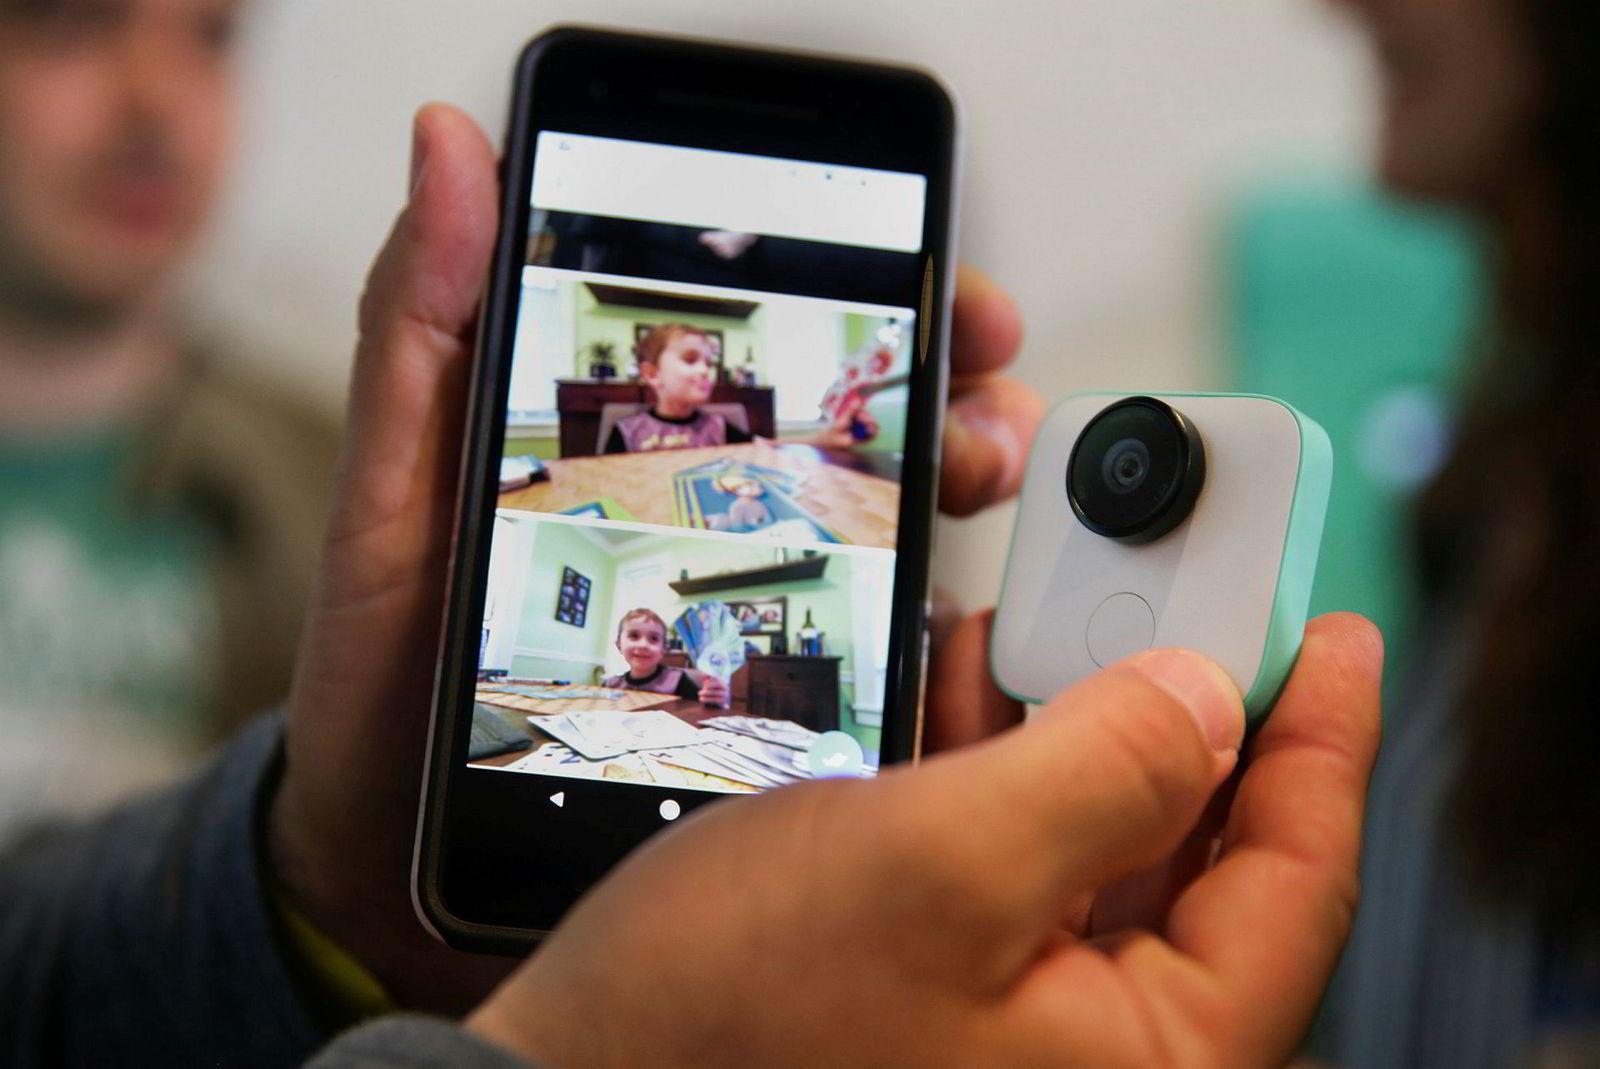 Google Clips er et knøttlite kamera med innebygd kunstig intelligens. Bildet vil gjenkjenne personer og automatisk ta bilder av motiver i løpet av dagen.